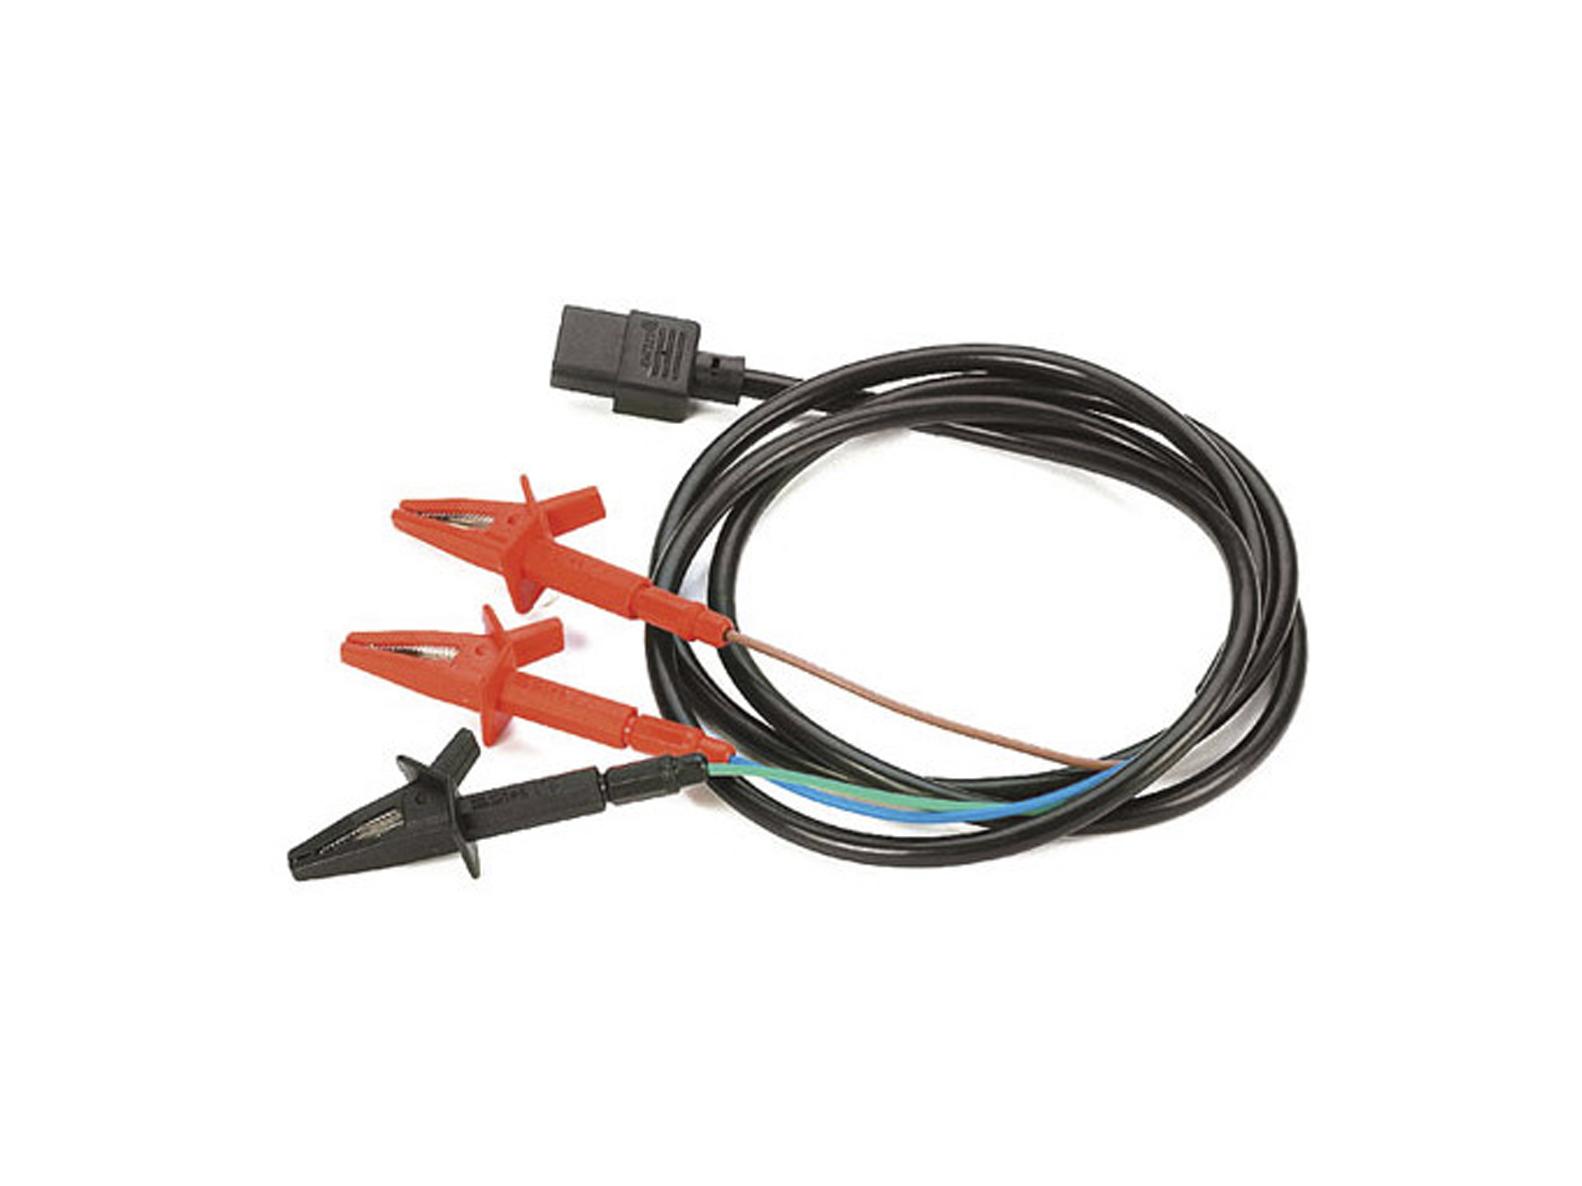 220 VAC Jumper Cord Kit